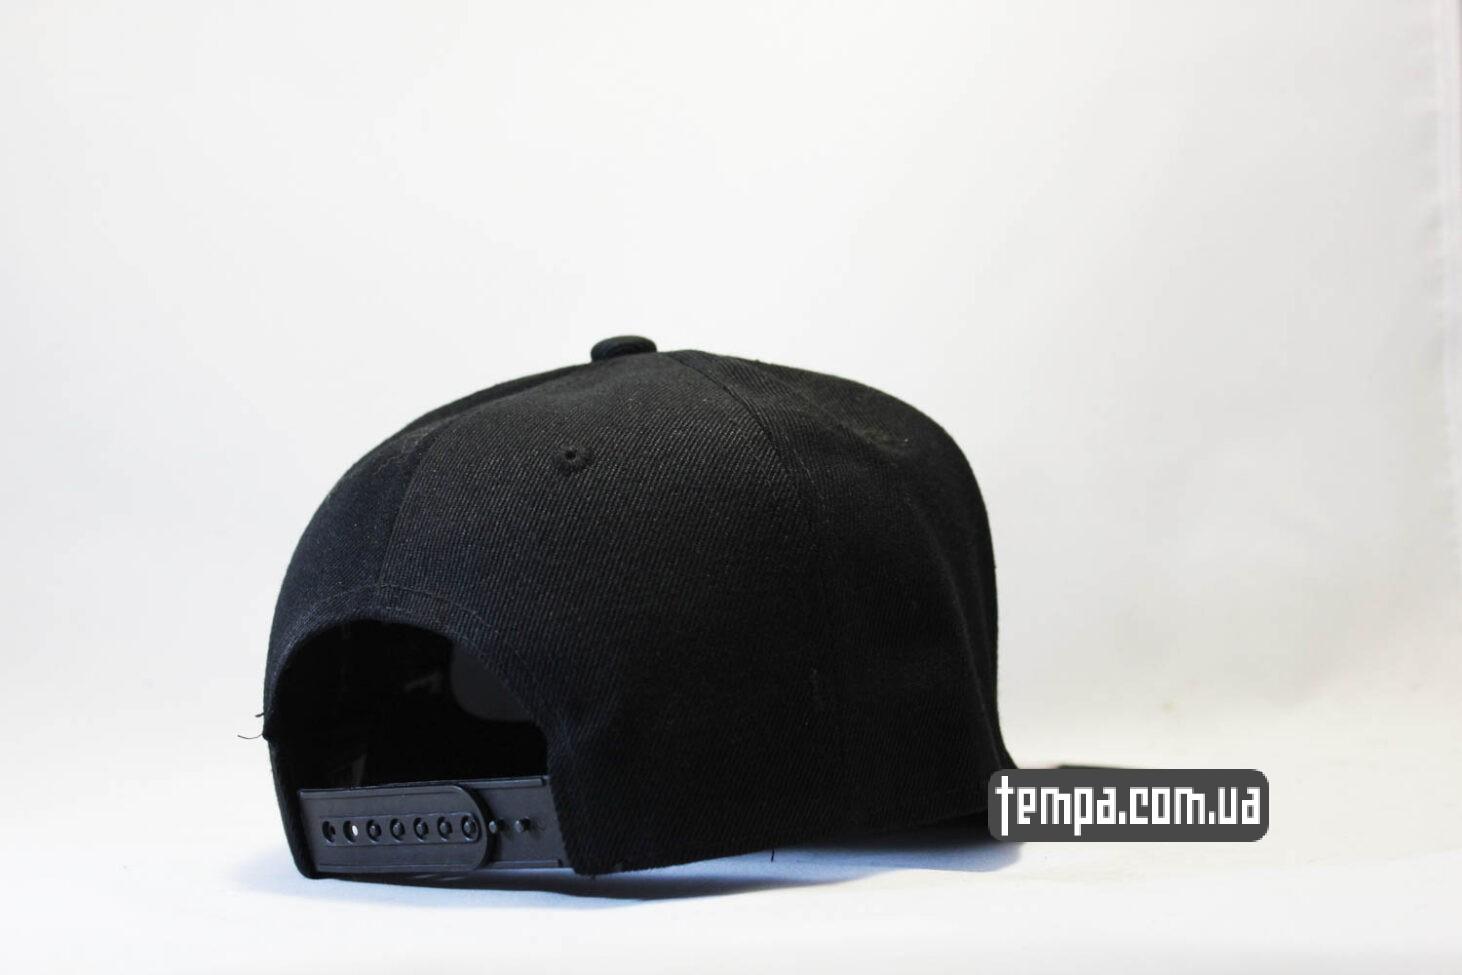 снебпки Украина купить кепка snapback SOX new era 9fifty black черная